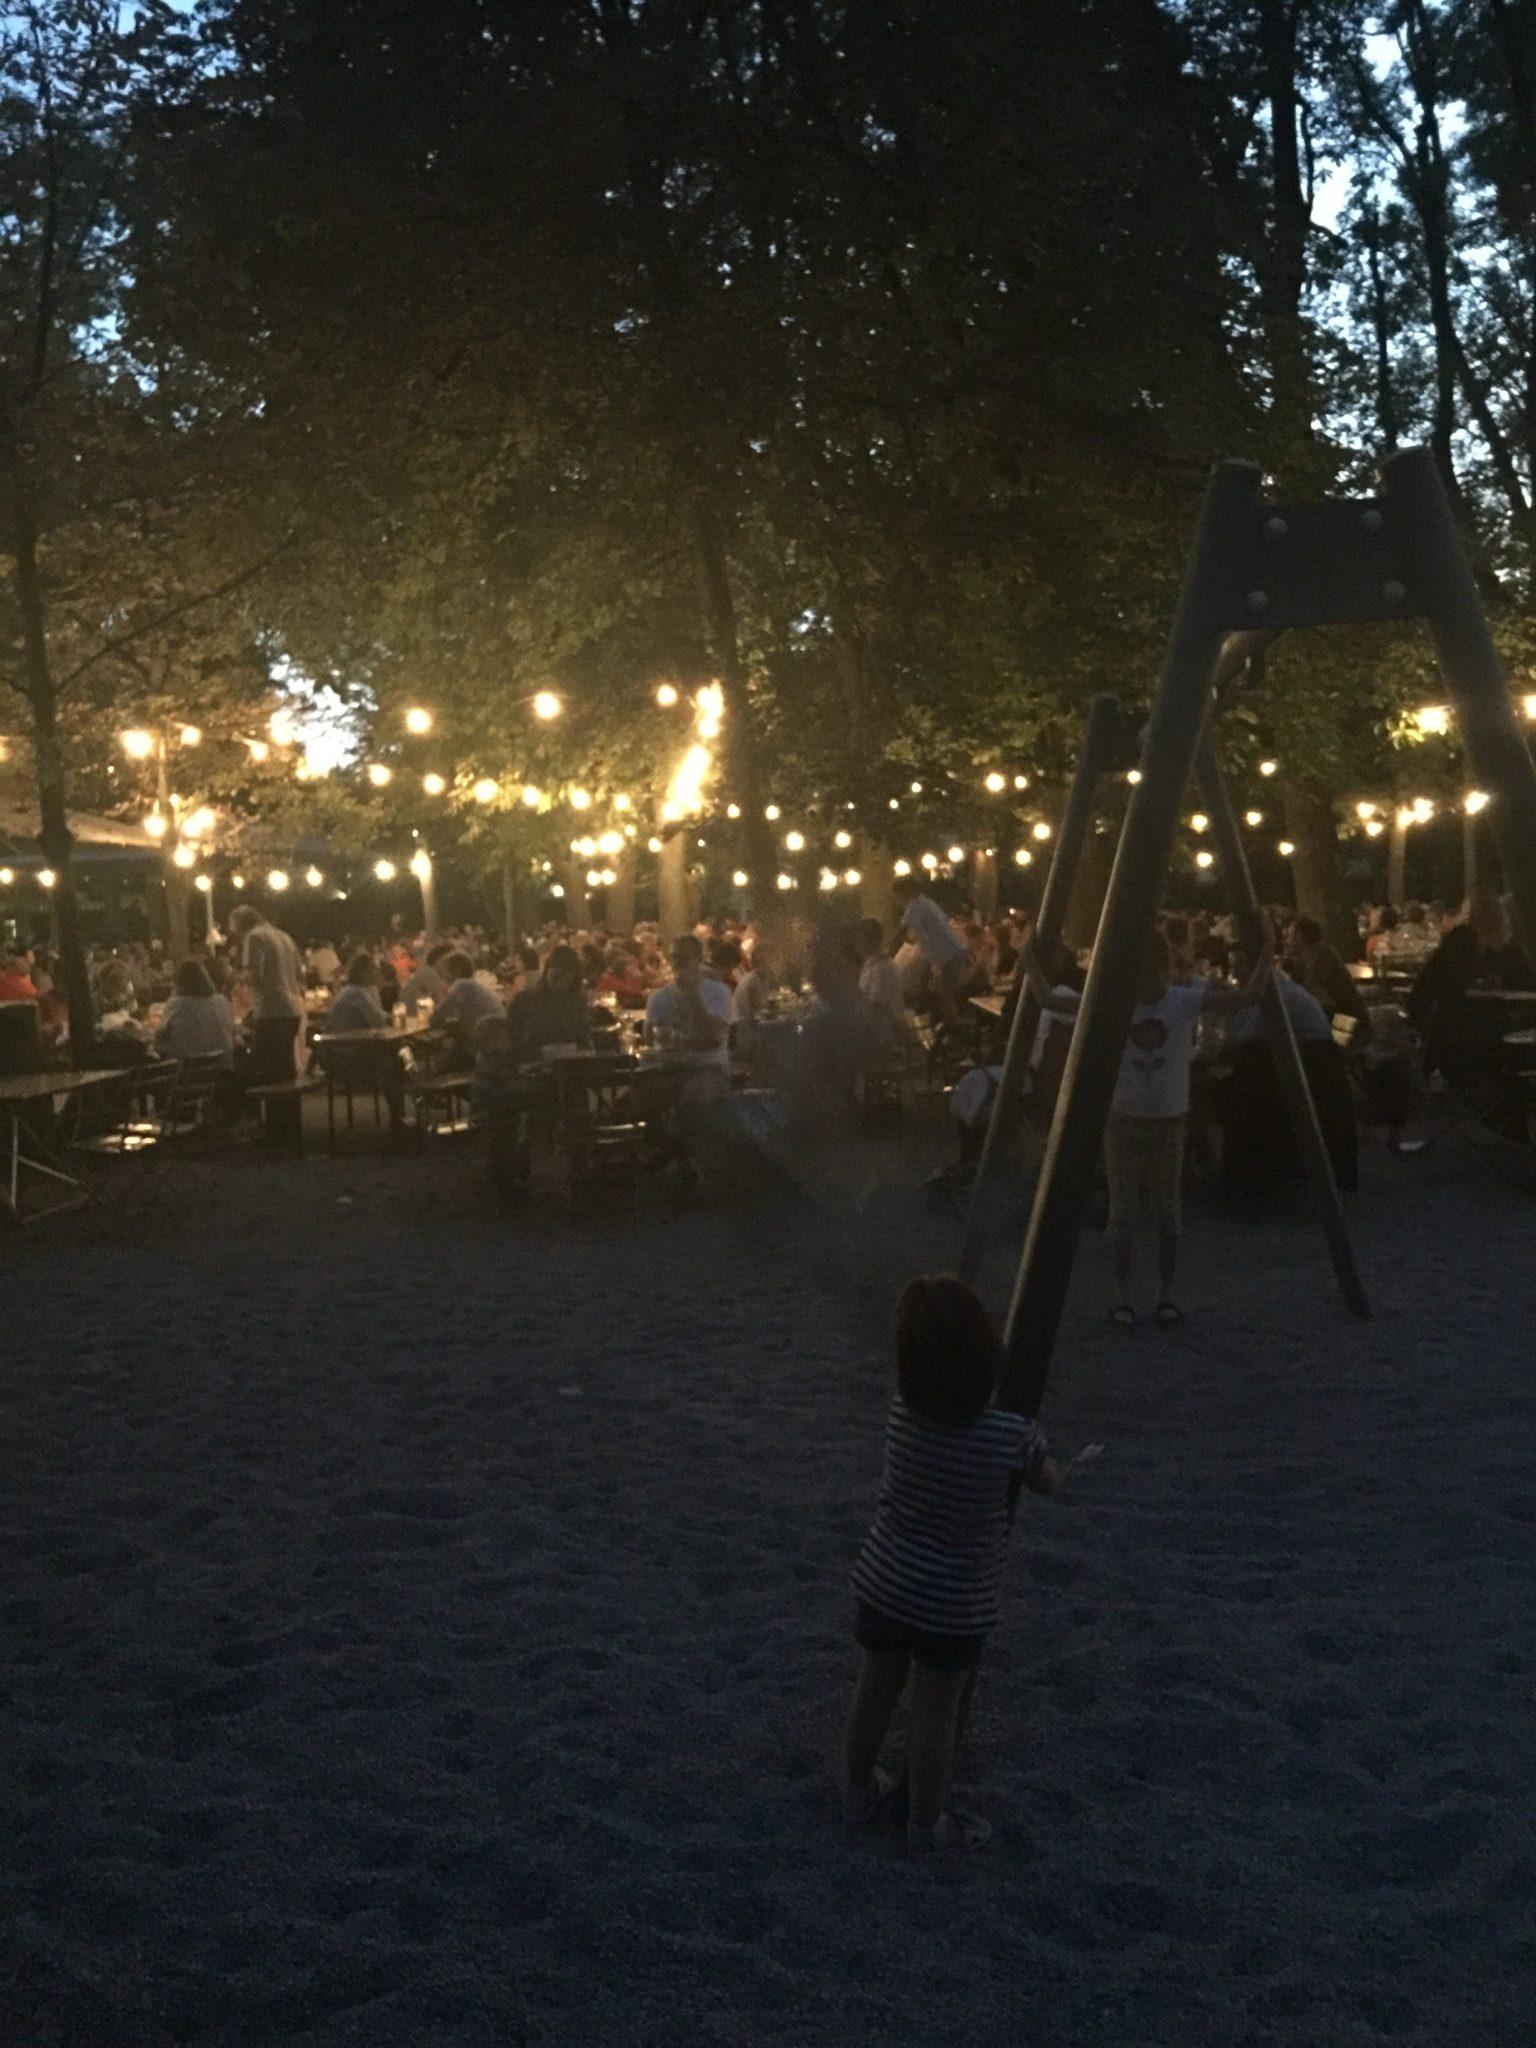 Taxisgarten, Munich